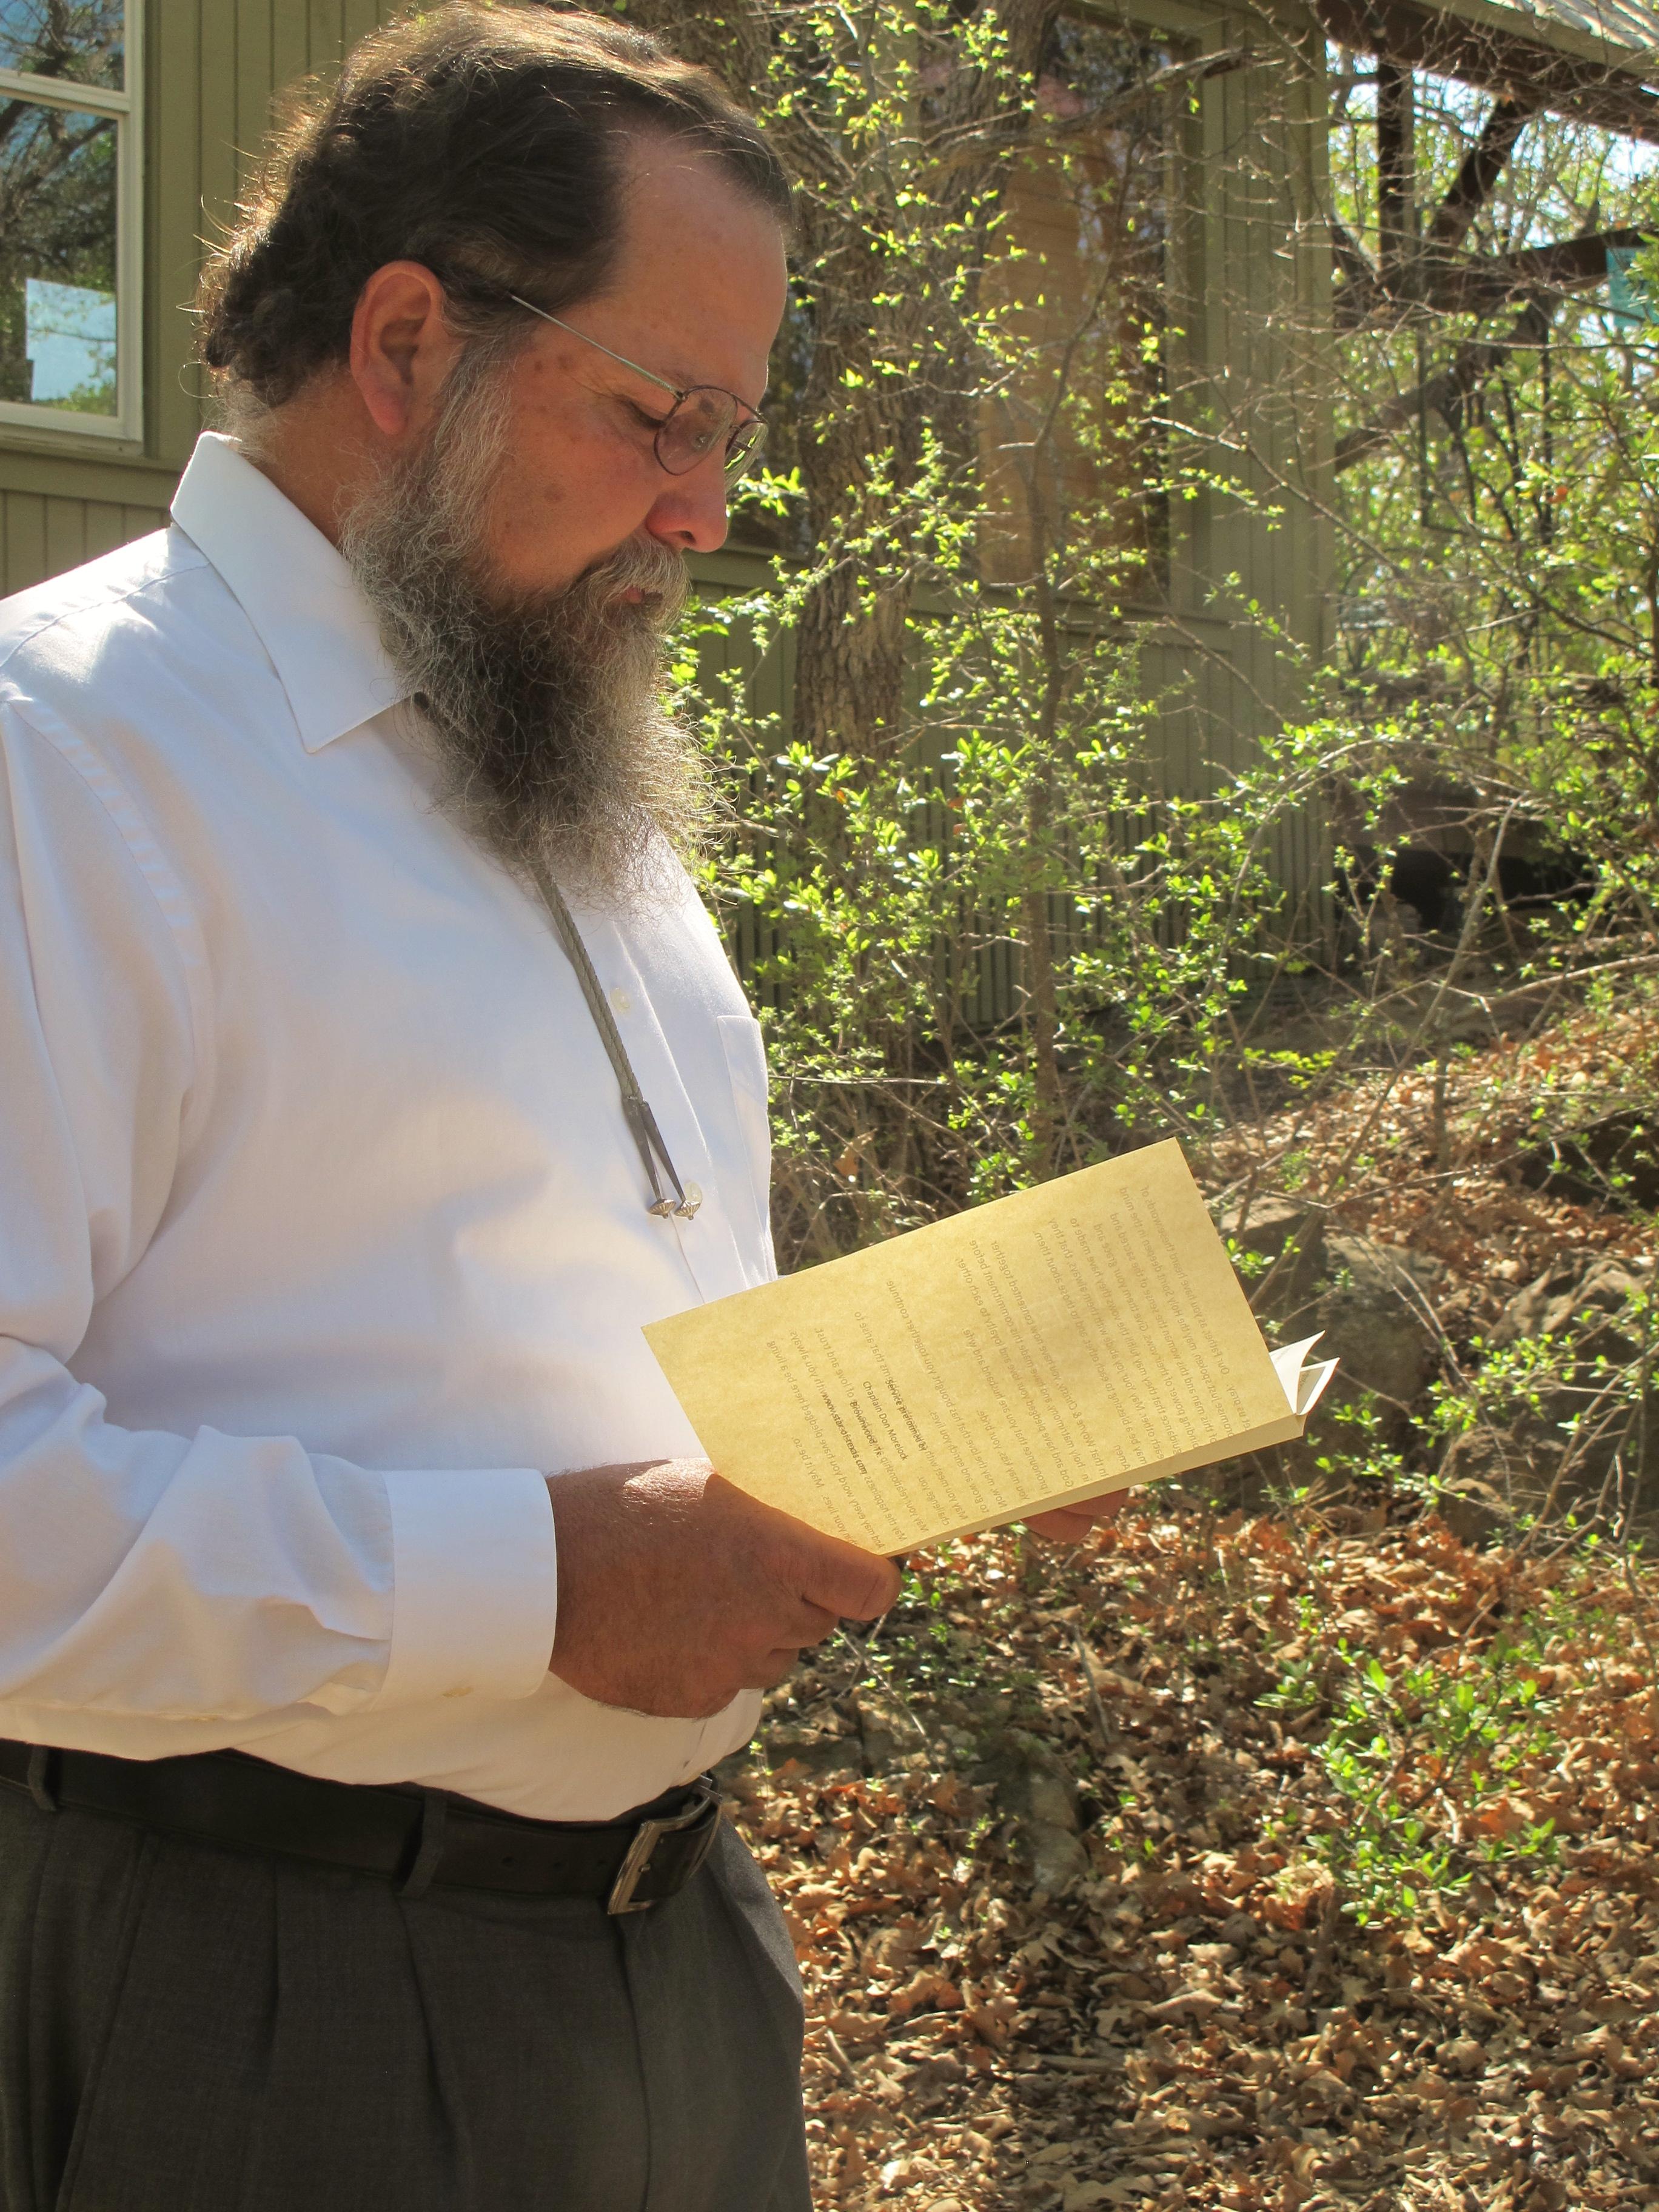 chaplain, Texas elopement ceremonies